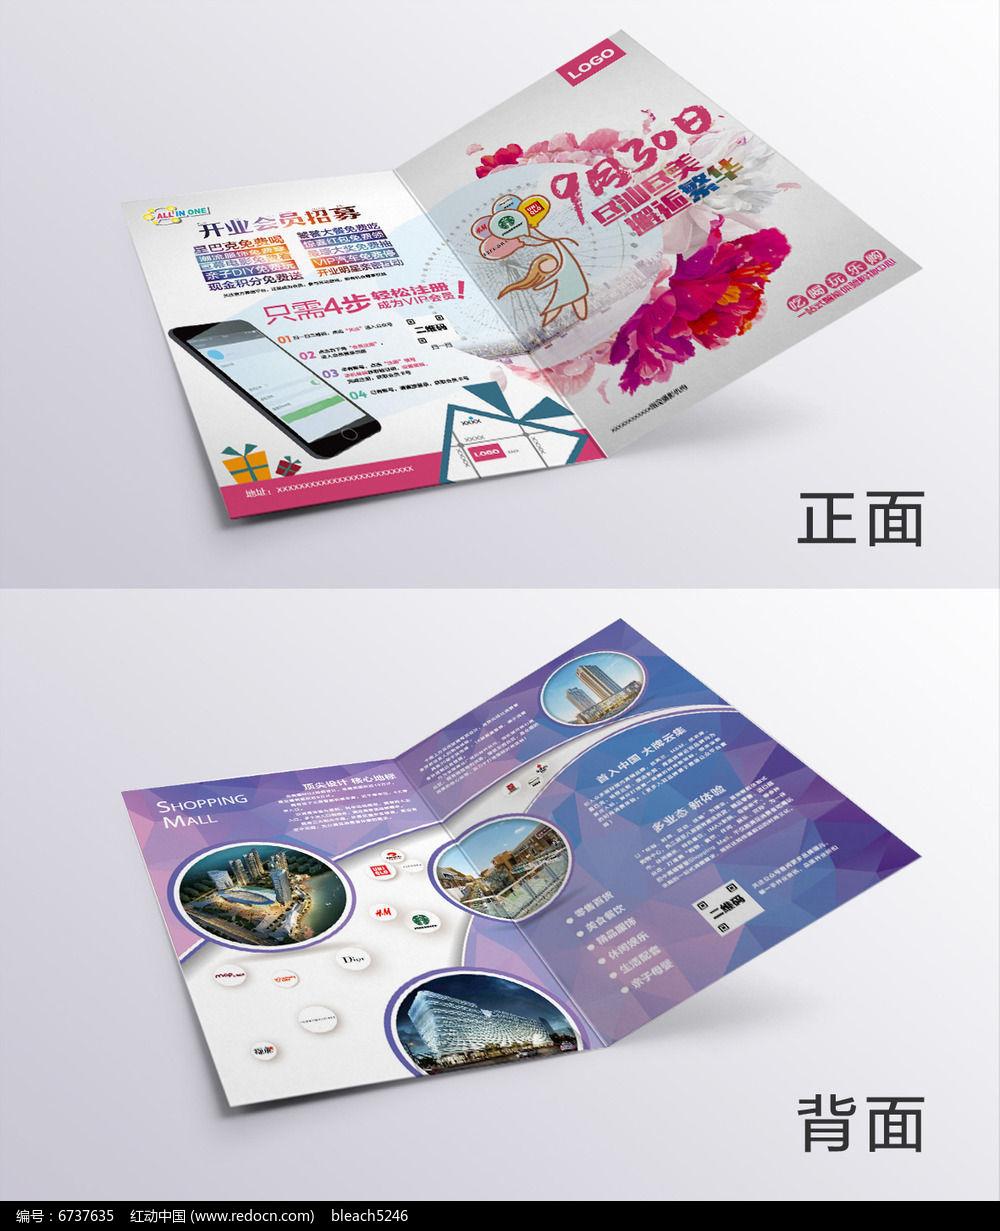 9月30日开业折页宣传单图片